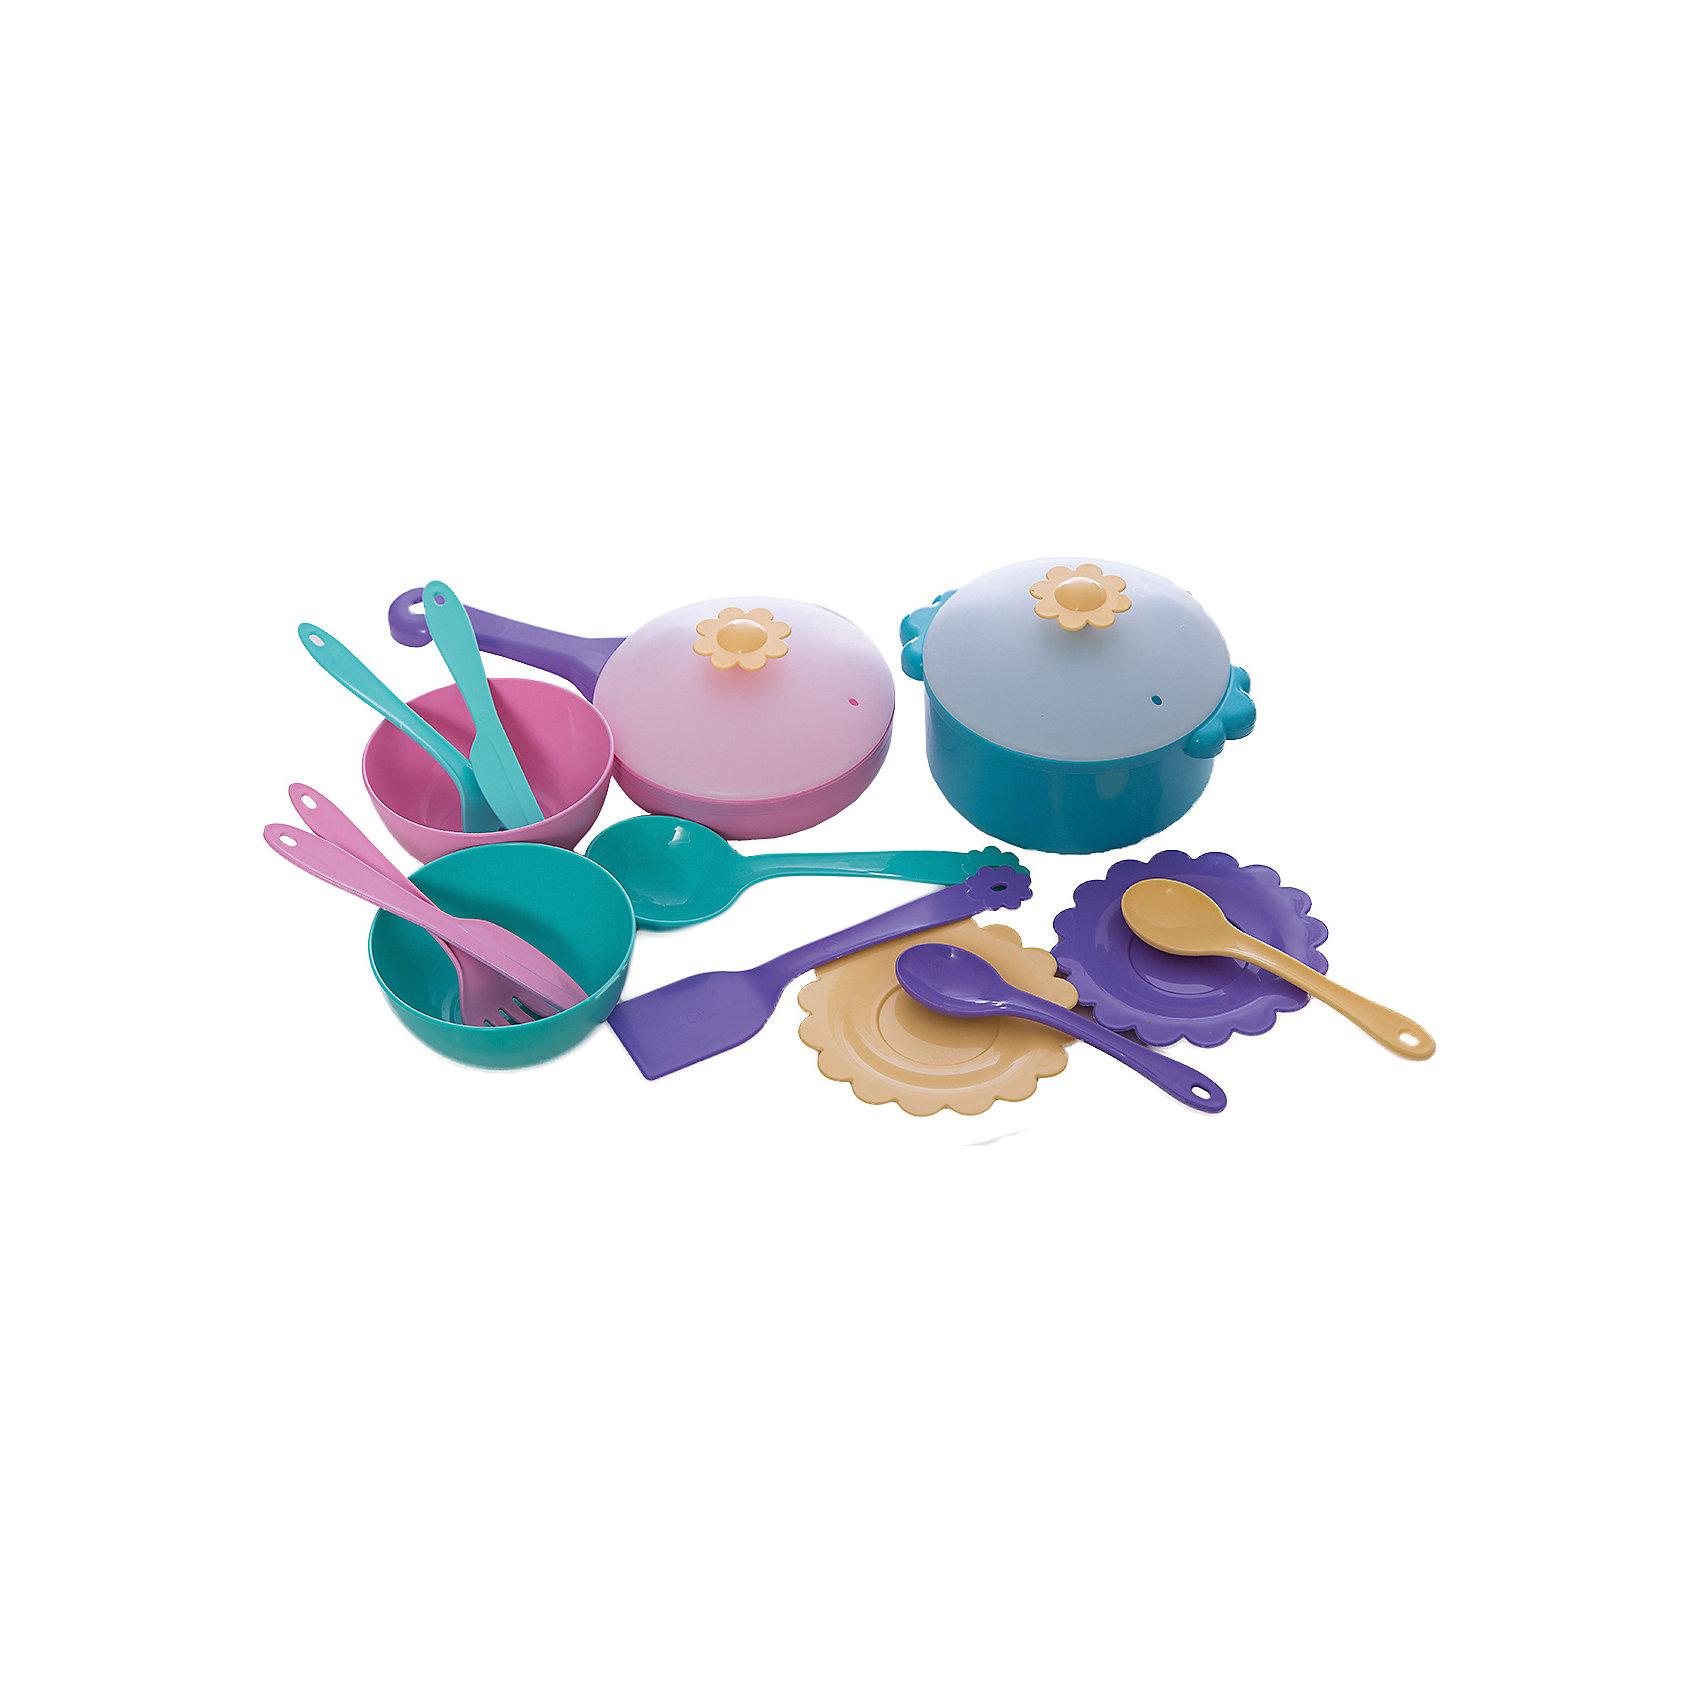 Набор игрушечной посуды в сумочке Бабочка, 16 предметов, Mary PoppinsПосуда и аксессуары для детской кухни<br>Набор игрушечной посуды в сумочке Бабочка, 16 предметов, Mary Poppins.<br><br>Характеристики:<br><br>• Комплектация: кастрюлька с крышкой, сковорода с крышкой, 2 миски, 2 тарелки, шумовка, лопатка, 2 вилки, 2 ложки, 2 ножа<br>• Материал: пластмасса<br>• Упаковка: сумка<br>• Размер упаковки: 21х14х18 см.<br><br>Кухонный игровой набор из эксклюзивной коллекции Бабочка ТМ Mary Poppins состоит 16 предметов, с которыми девочка почувствует себя настоящей поварихой и гостеприимной хозяйкой. В набор входят кастрюля и сковорода с крышками, две глубокие миски, две плоские тарелочки, шумовка, лопатка и два комплекта столовых приборов, каждый из которых включает в себя ложку, вилку и нож. Все элементы набора изготовлены из качественной гипоаллергенной пластмассы. Набор упакован в прозрачную сумочку на молнии, что очень удобно для хранения и переноски. Набор в сумочке можно взять с собой на прогулку или в гости.<br><br>Набор игрушечной посуды в сумочке Бабочка, 16 предметов, Mary Poppins можно купить в нашем интернет-магазине.<br><br>Ширина мм: 205<br>Глубина мм: 135<br>Высота мм: 180<br>Вес г: 20<br>Возраст от месяцев: 24<br>Возраст до месяцев: 2147483647<br>Пол: Женский<br>Возраст: Детский<br>SKU: 5402759